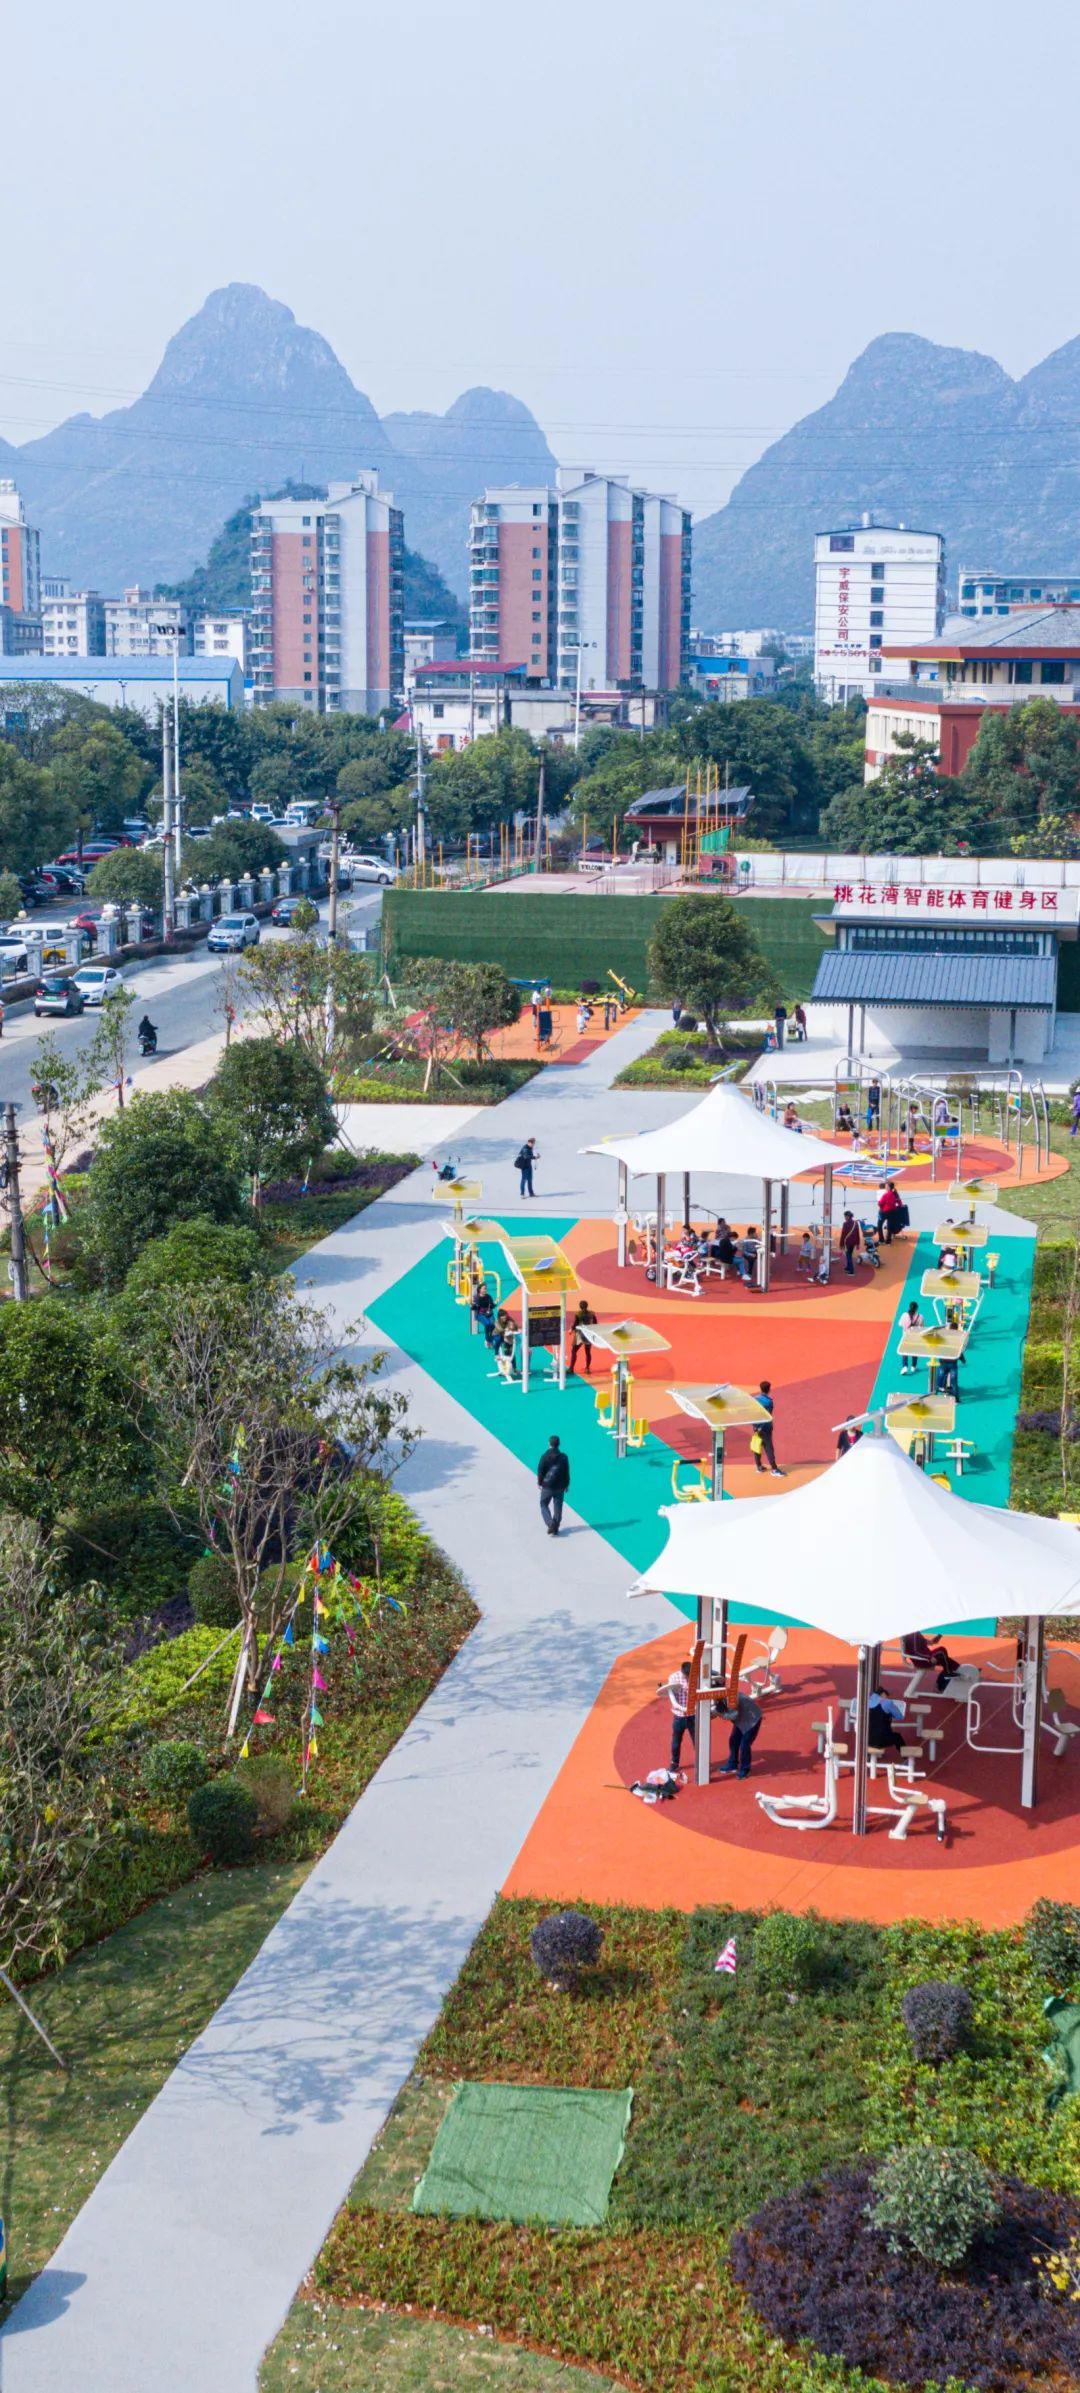 舒华承建广西桂林市首个智能体育公园